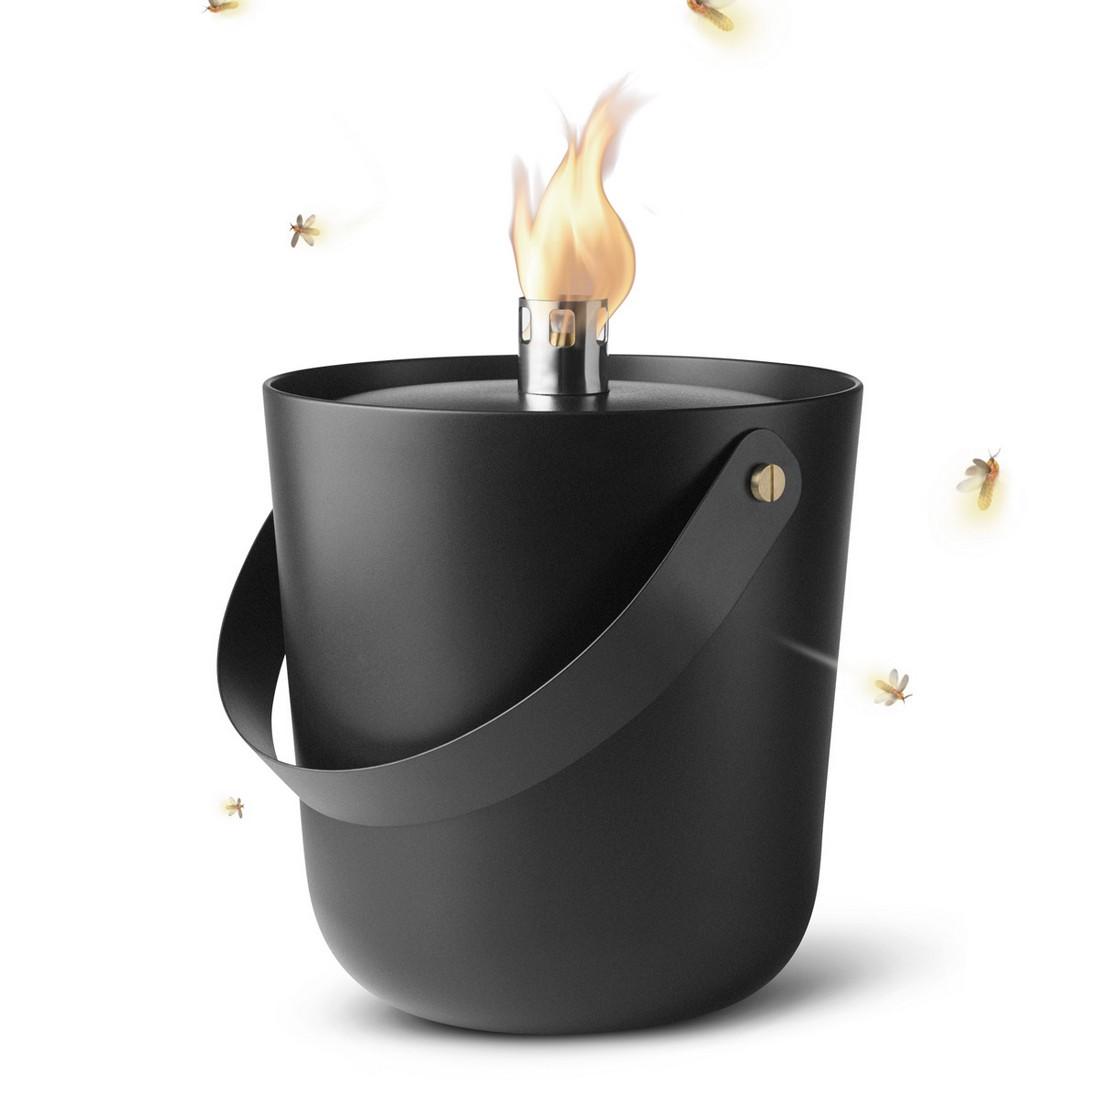 Öllampe Norm Fire Bucket groß – outdoorgeeignet schwarz, Menu günstig online kaufen